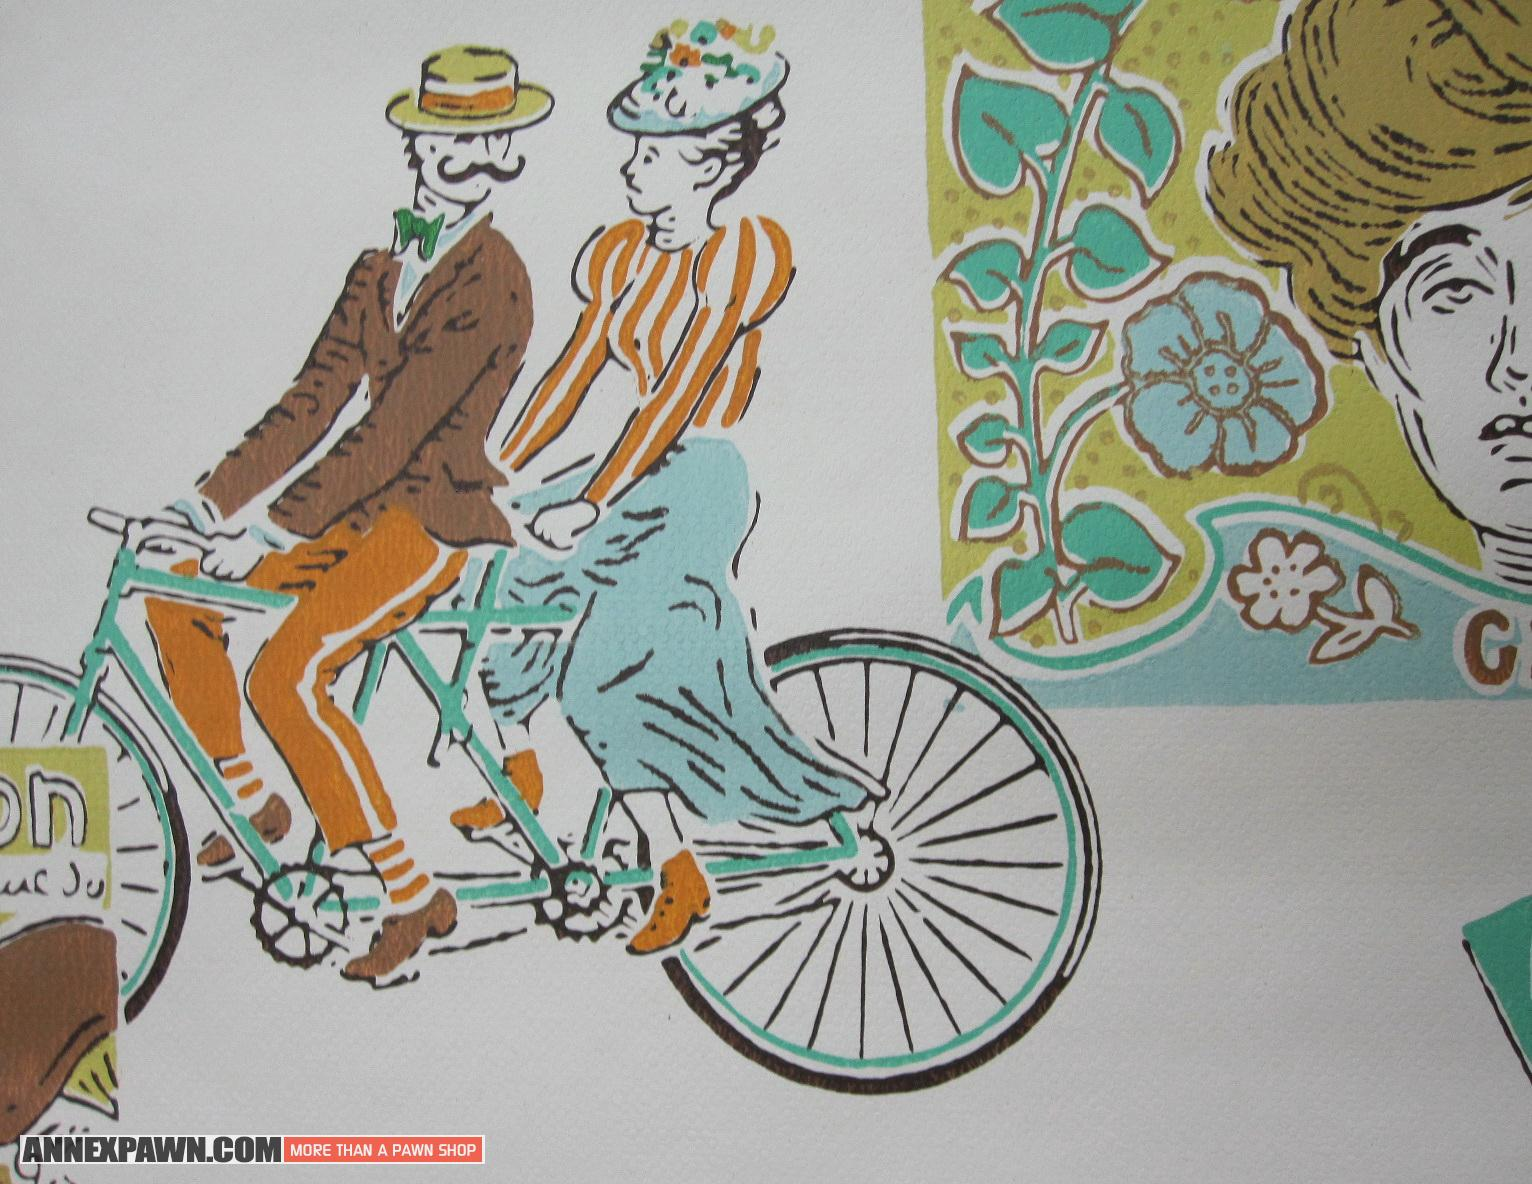 Wallpaper Roll UWPC 1920s Belle poque Antique Art Nouveau Figural 1532x1184